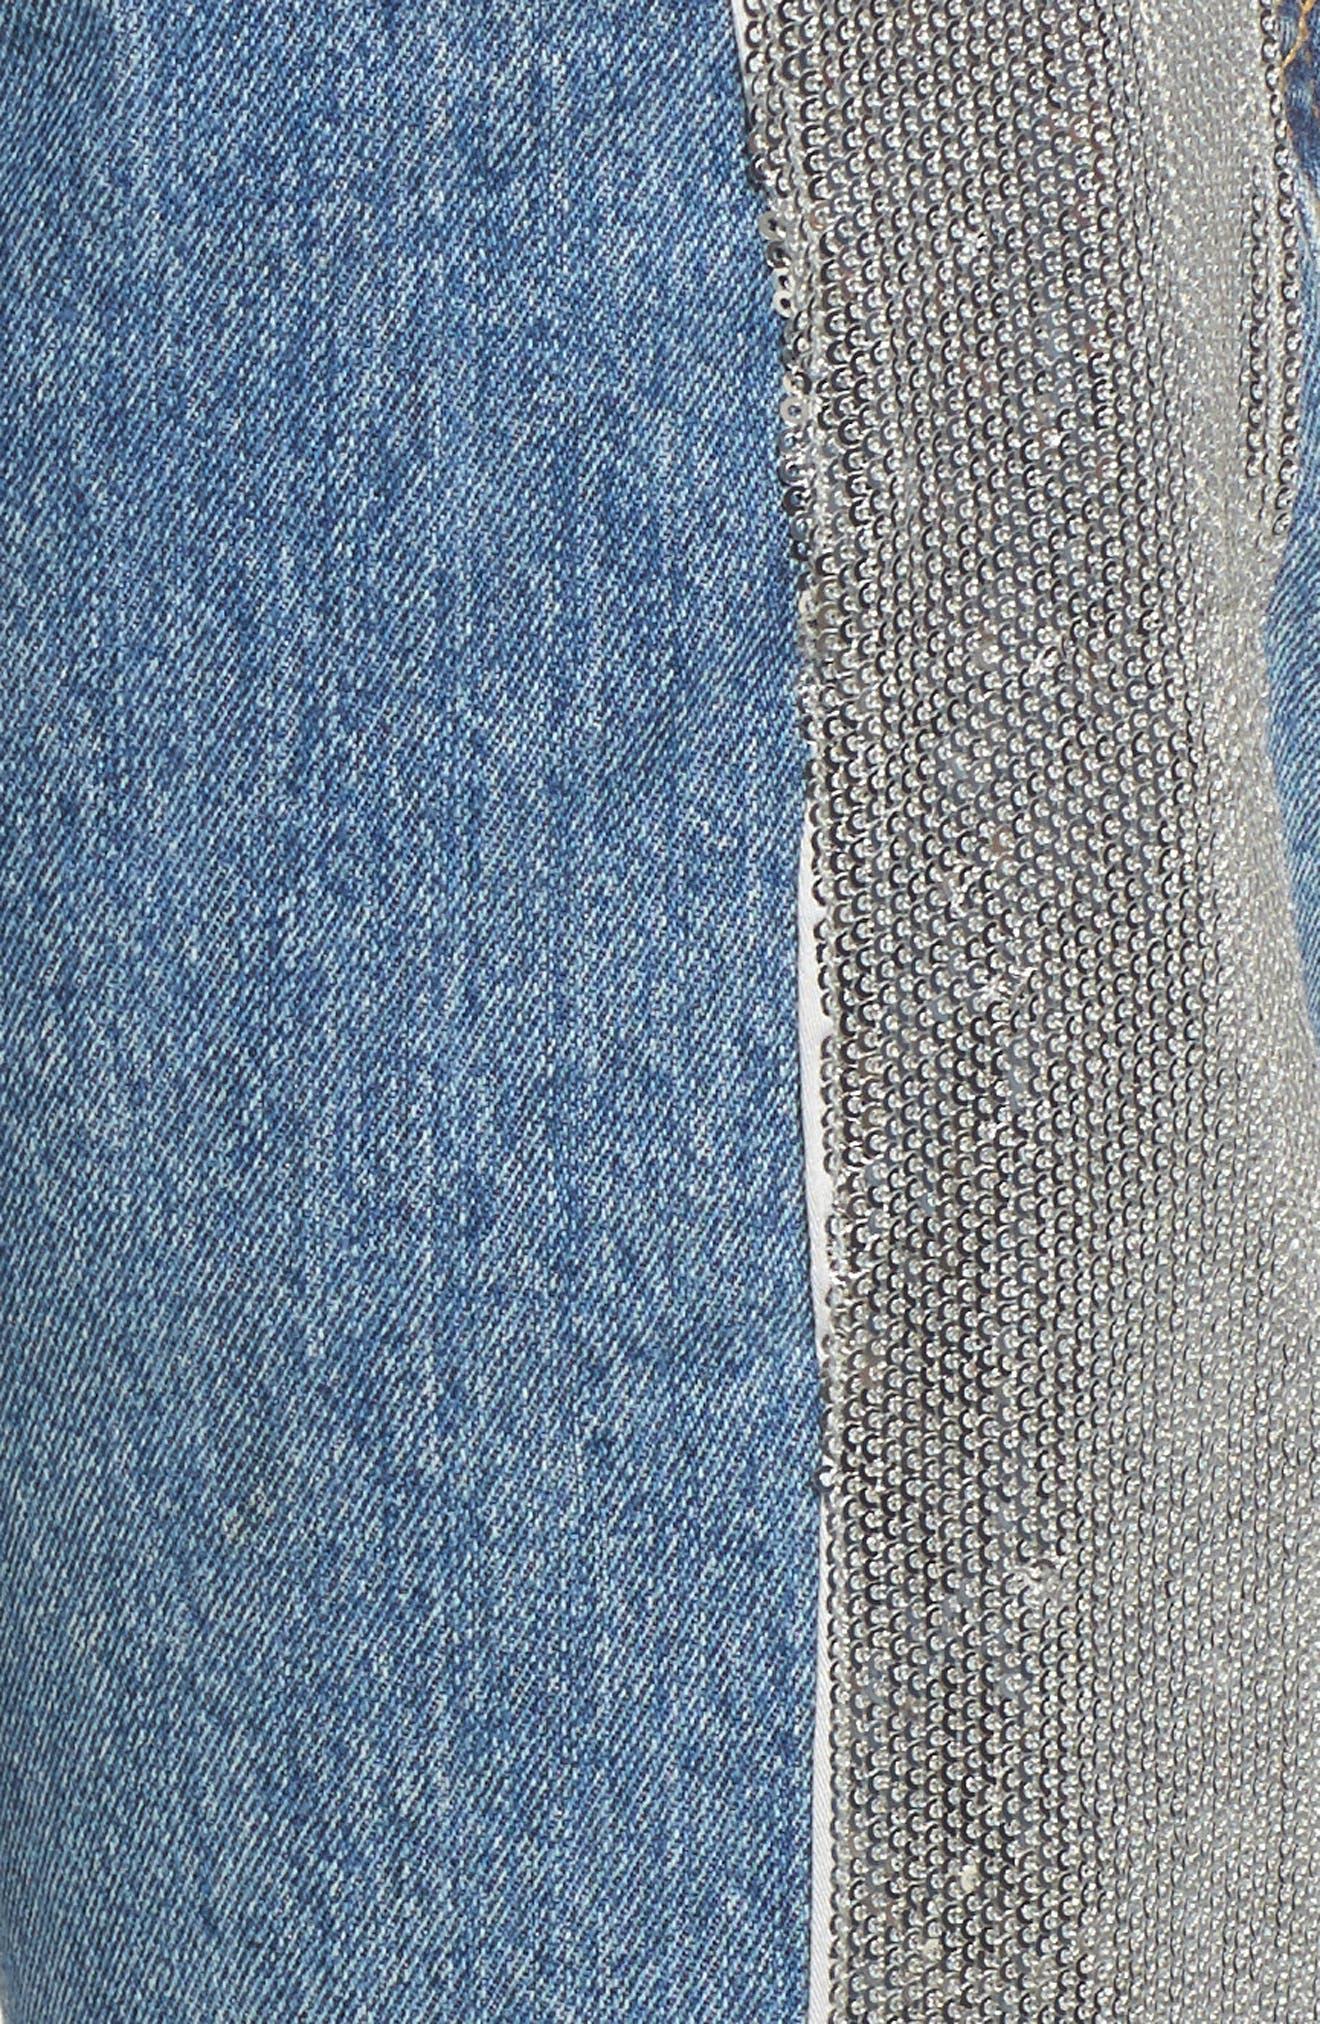 Sequin Boyfriend Jeans,                             Alternate thumbnail 6, color,                             400